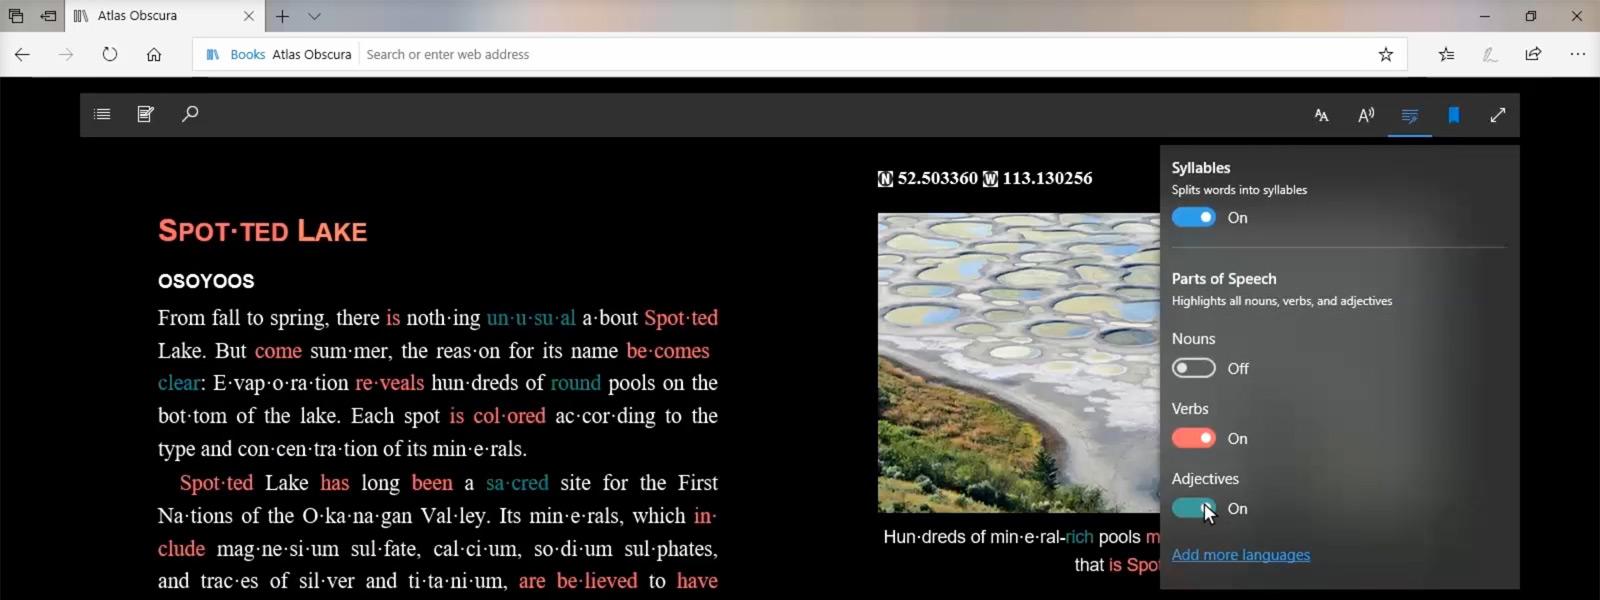 Schermafbeelding van de functionaliteit Leerhulpmiddelen waarin de zelfstandige naamwoorden, werkwoorden en bijvoeglijke naamwoorden op een bepaalde webpagina zijn gemarkeerd